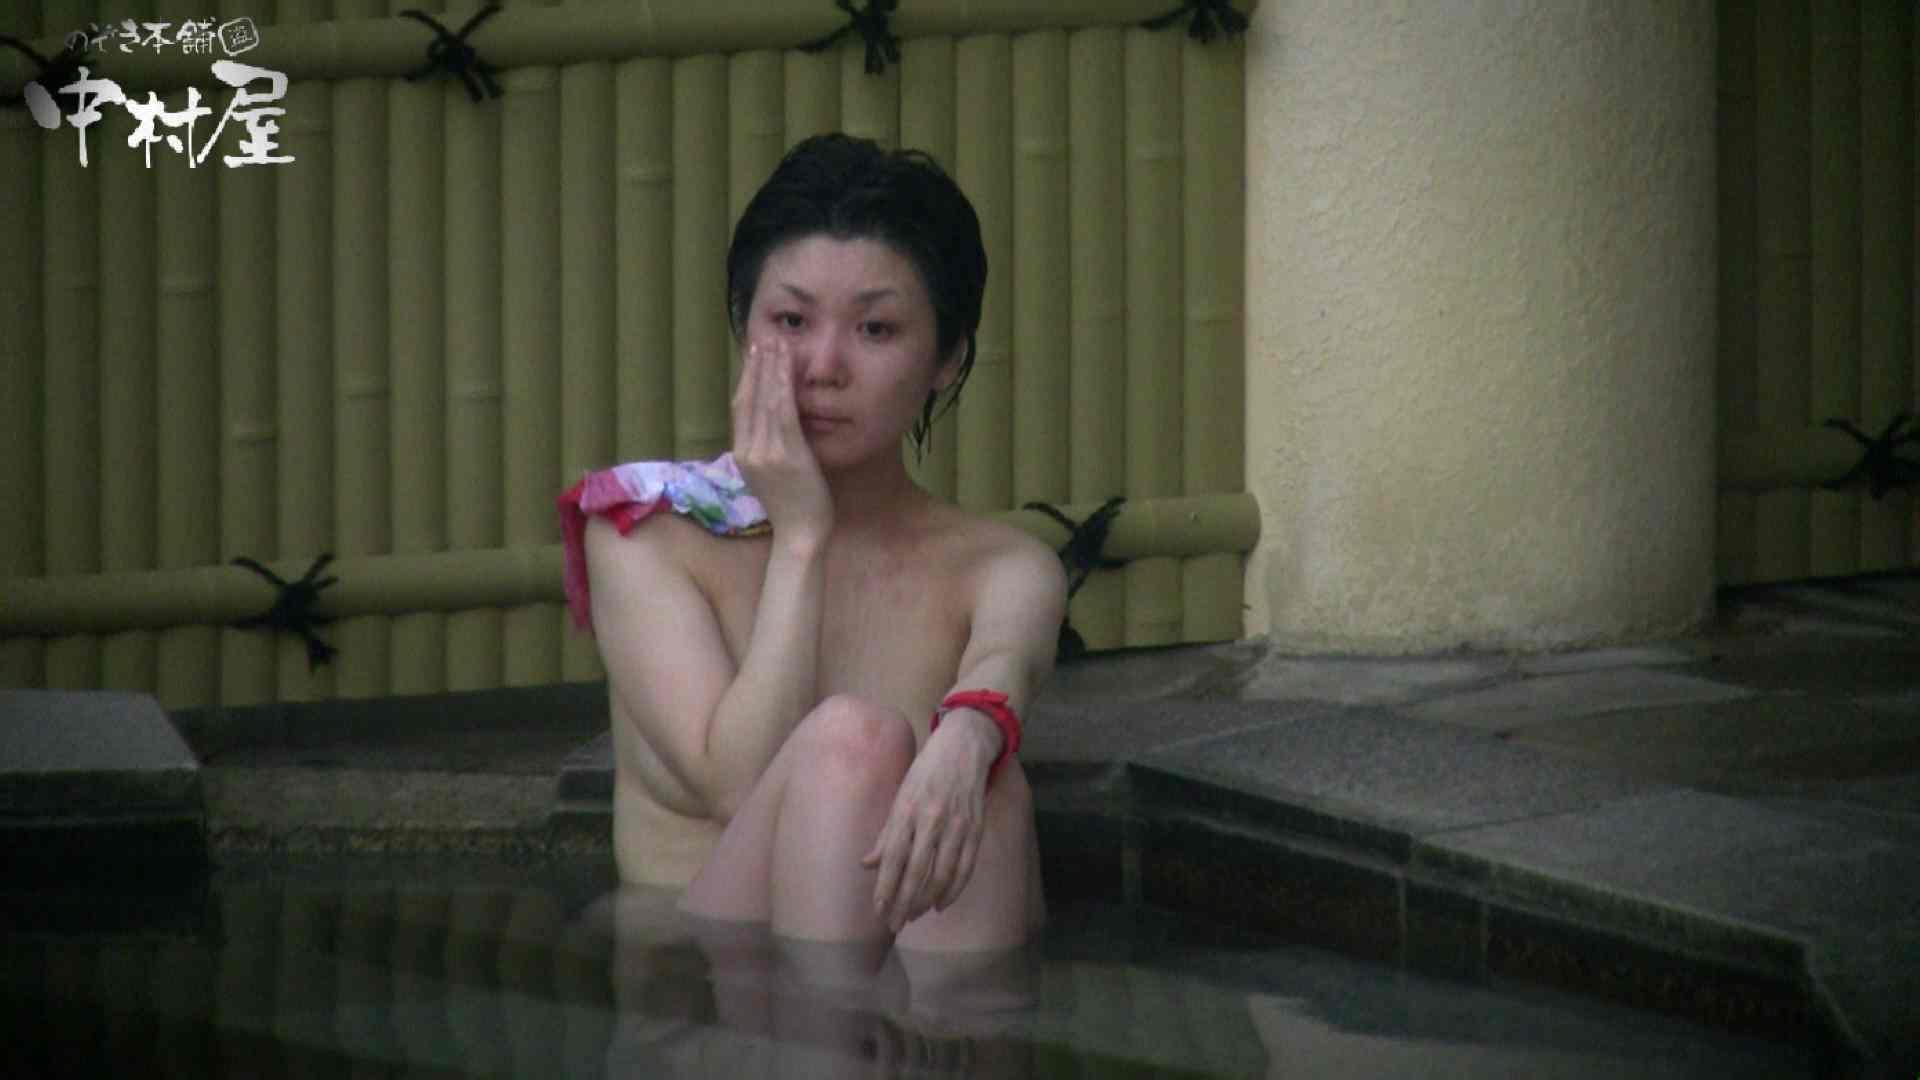 Aquaな露天風呂Vol.884 盗撮師作品 | 美しいOLの裸体  92pic 55